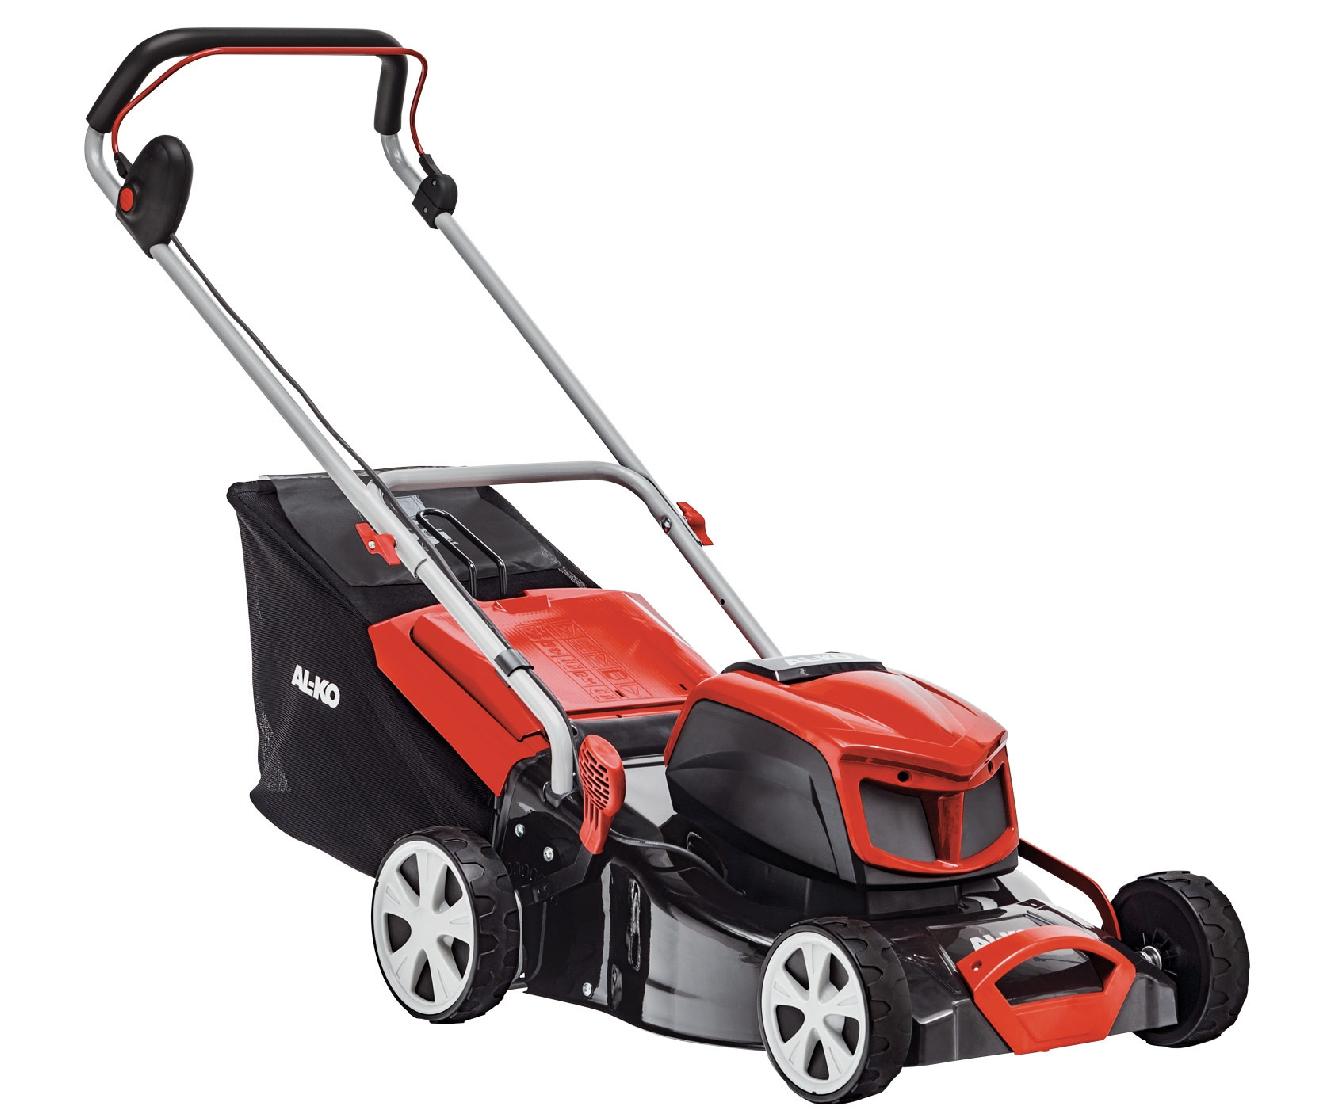 AL-KO EnergyFlex 4.29Li Moweo battery push four wheeled lawn mower (42cm cut)